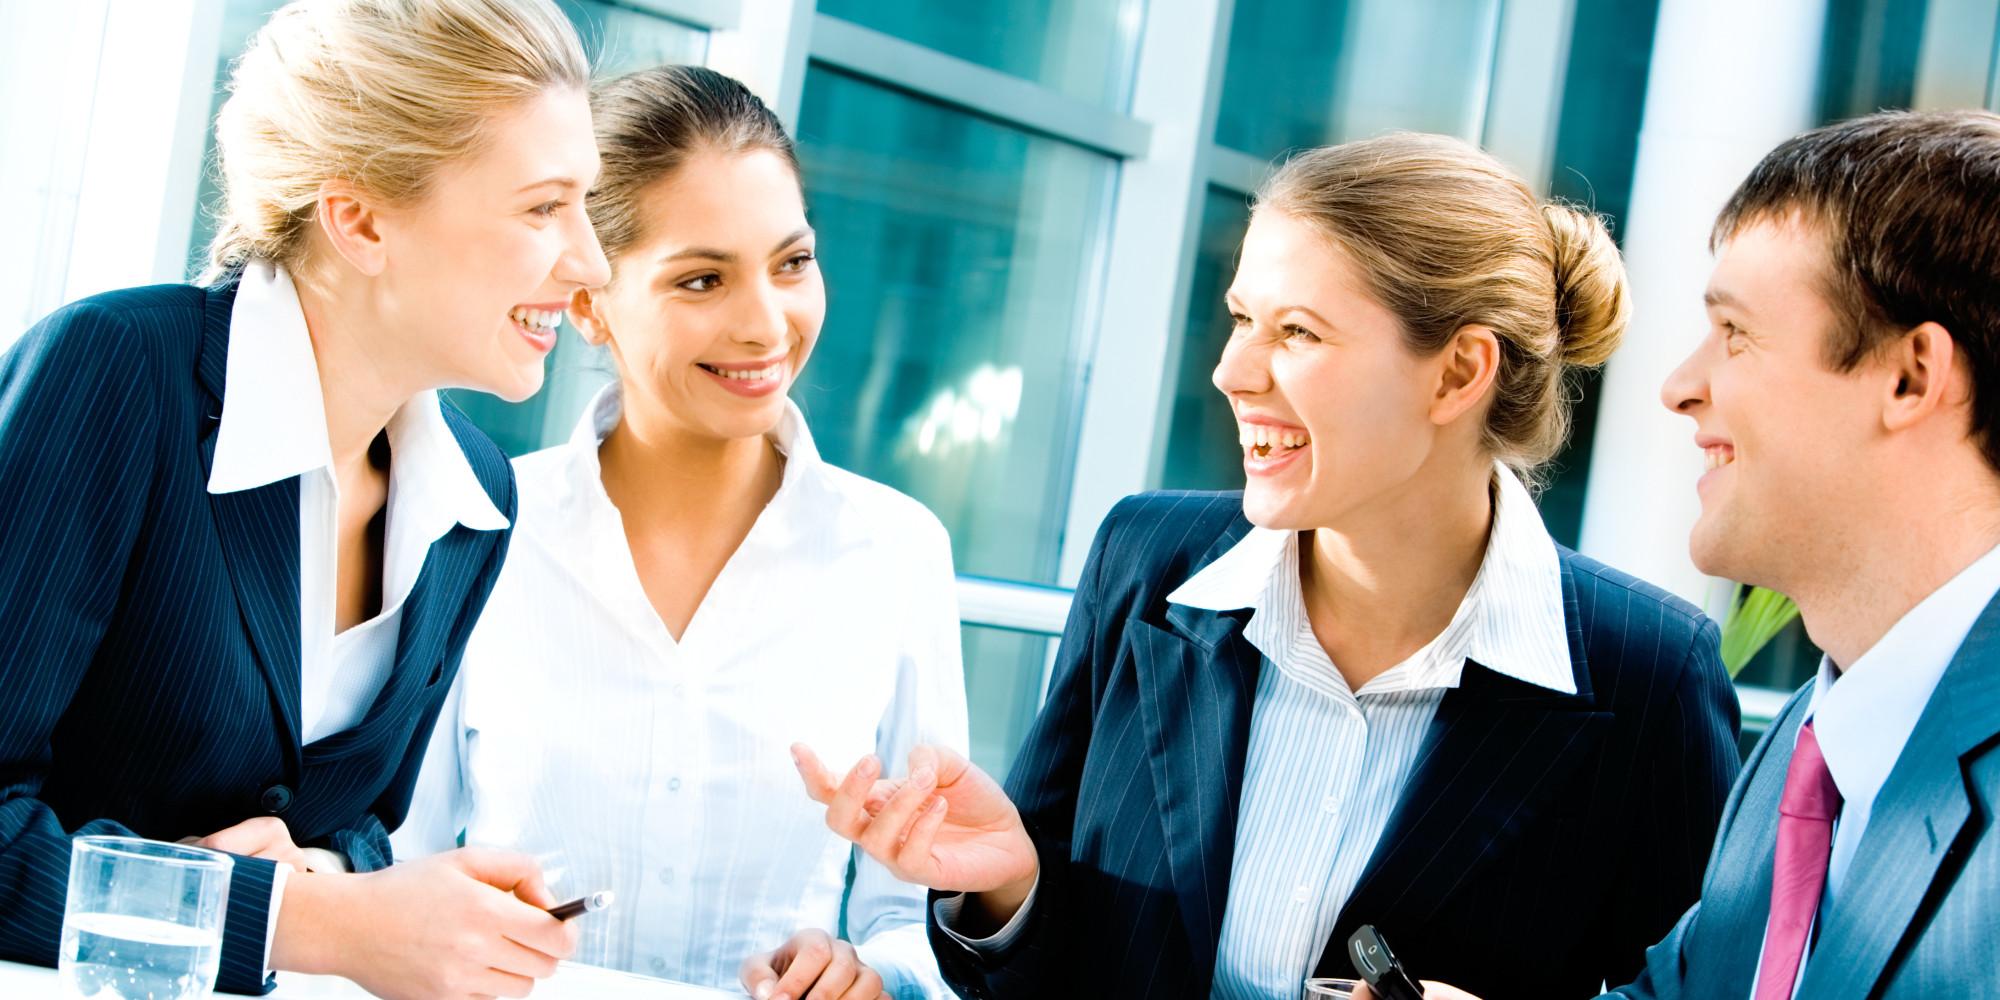 Rire au bureau aide la performance isabelle barth - Bureau d aide psychologique universitaire ...